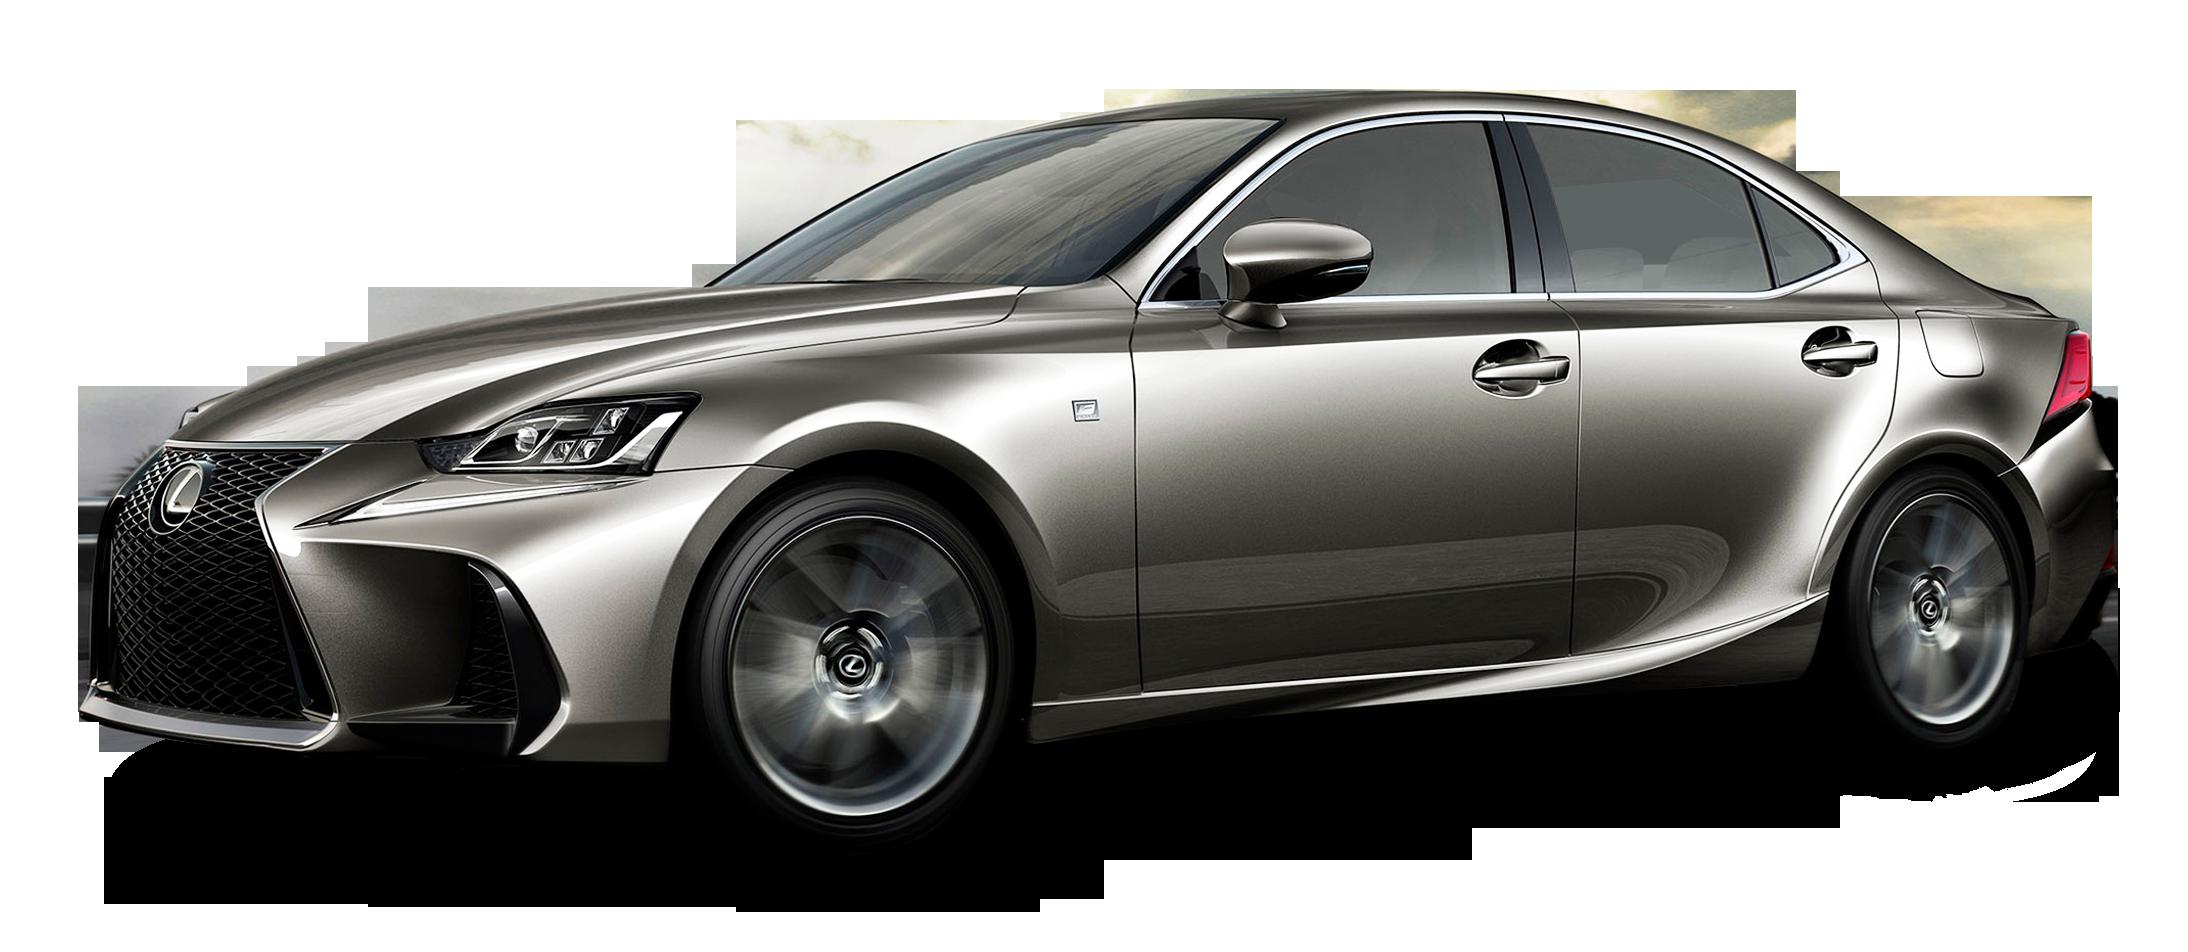 Lexus IS Silver Car